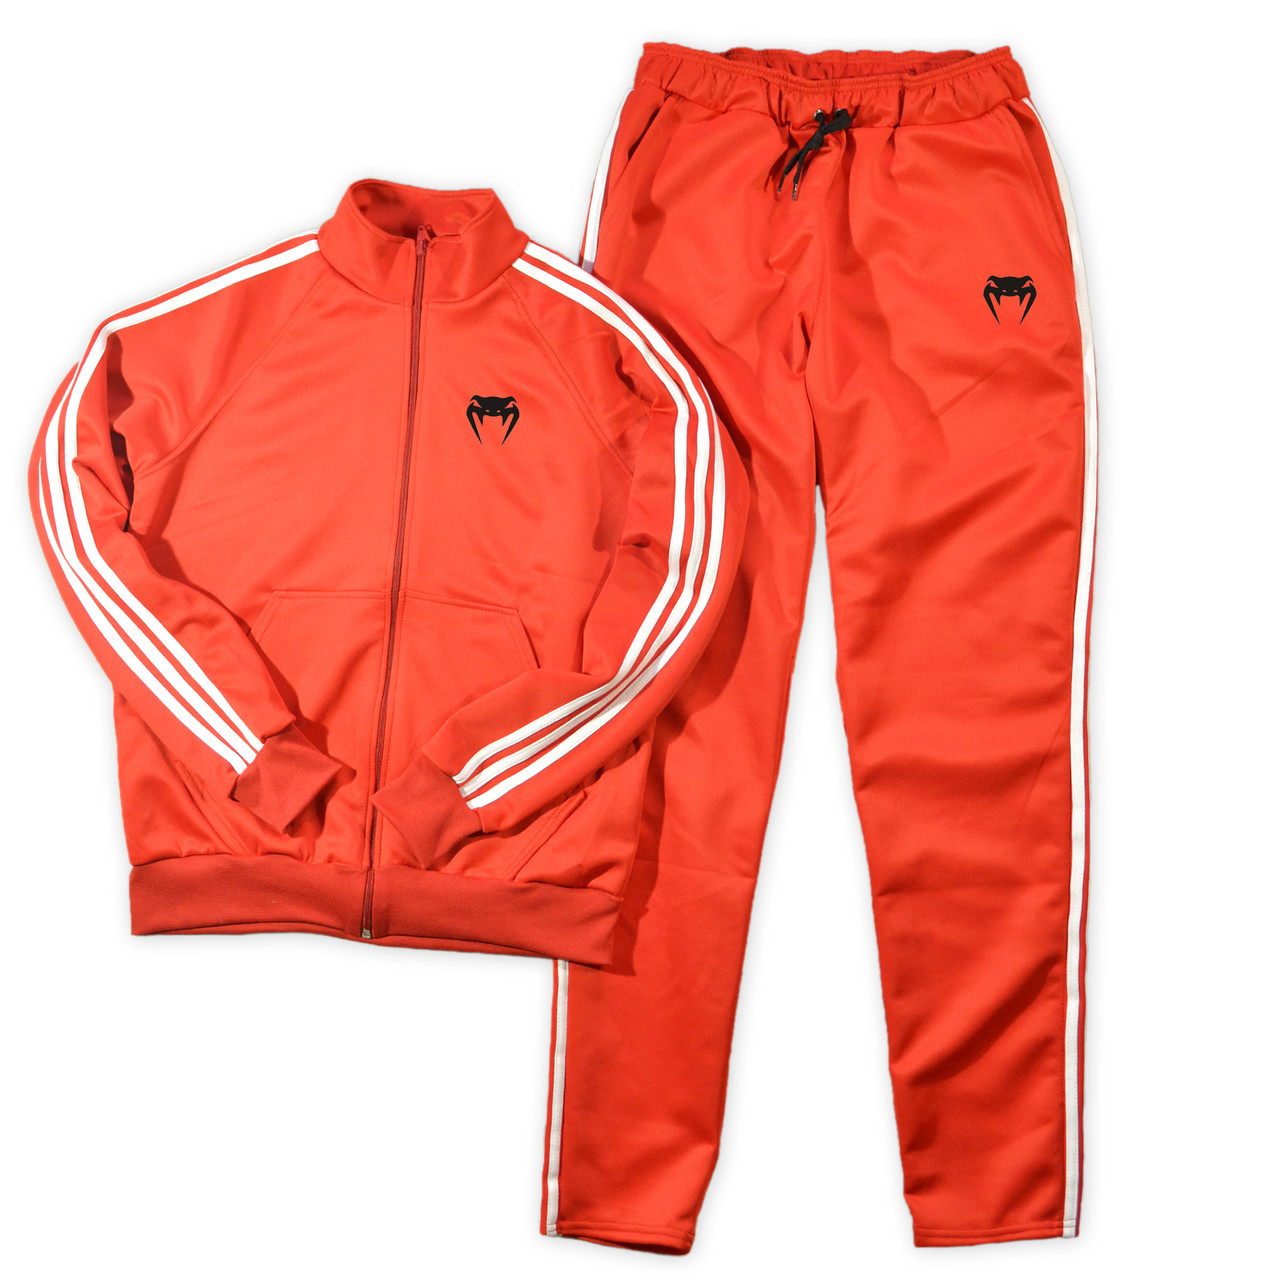 Красный спортивный костюм Venum с лампасами (Венум)